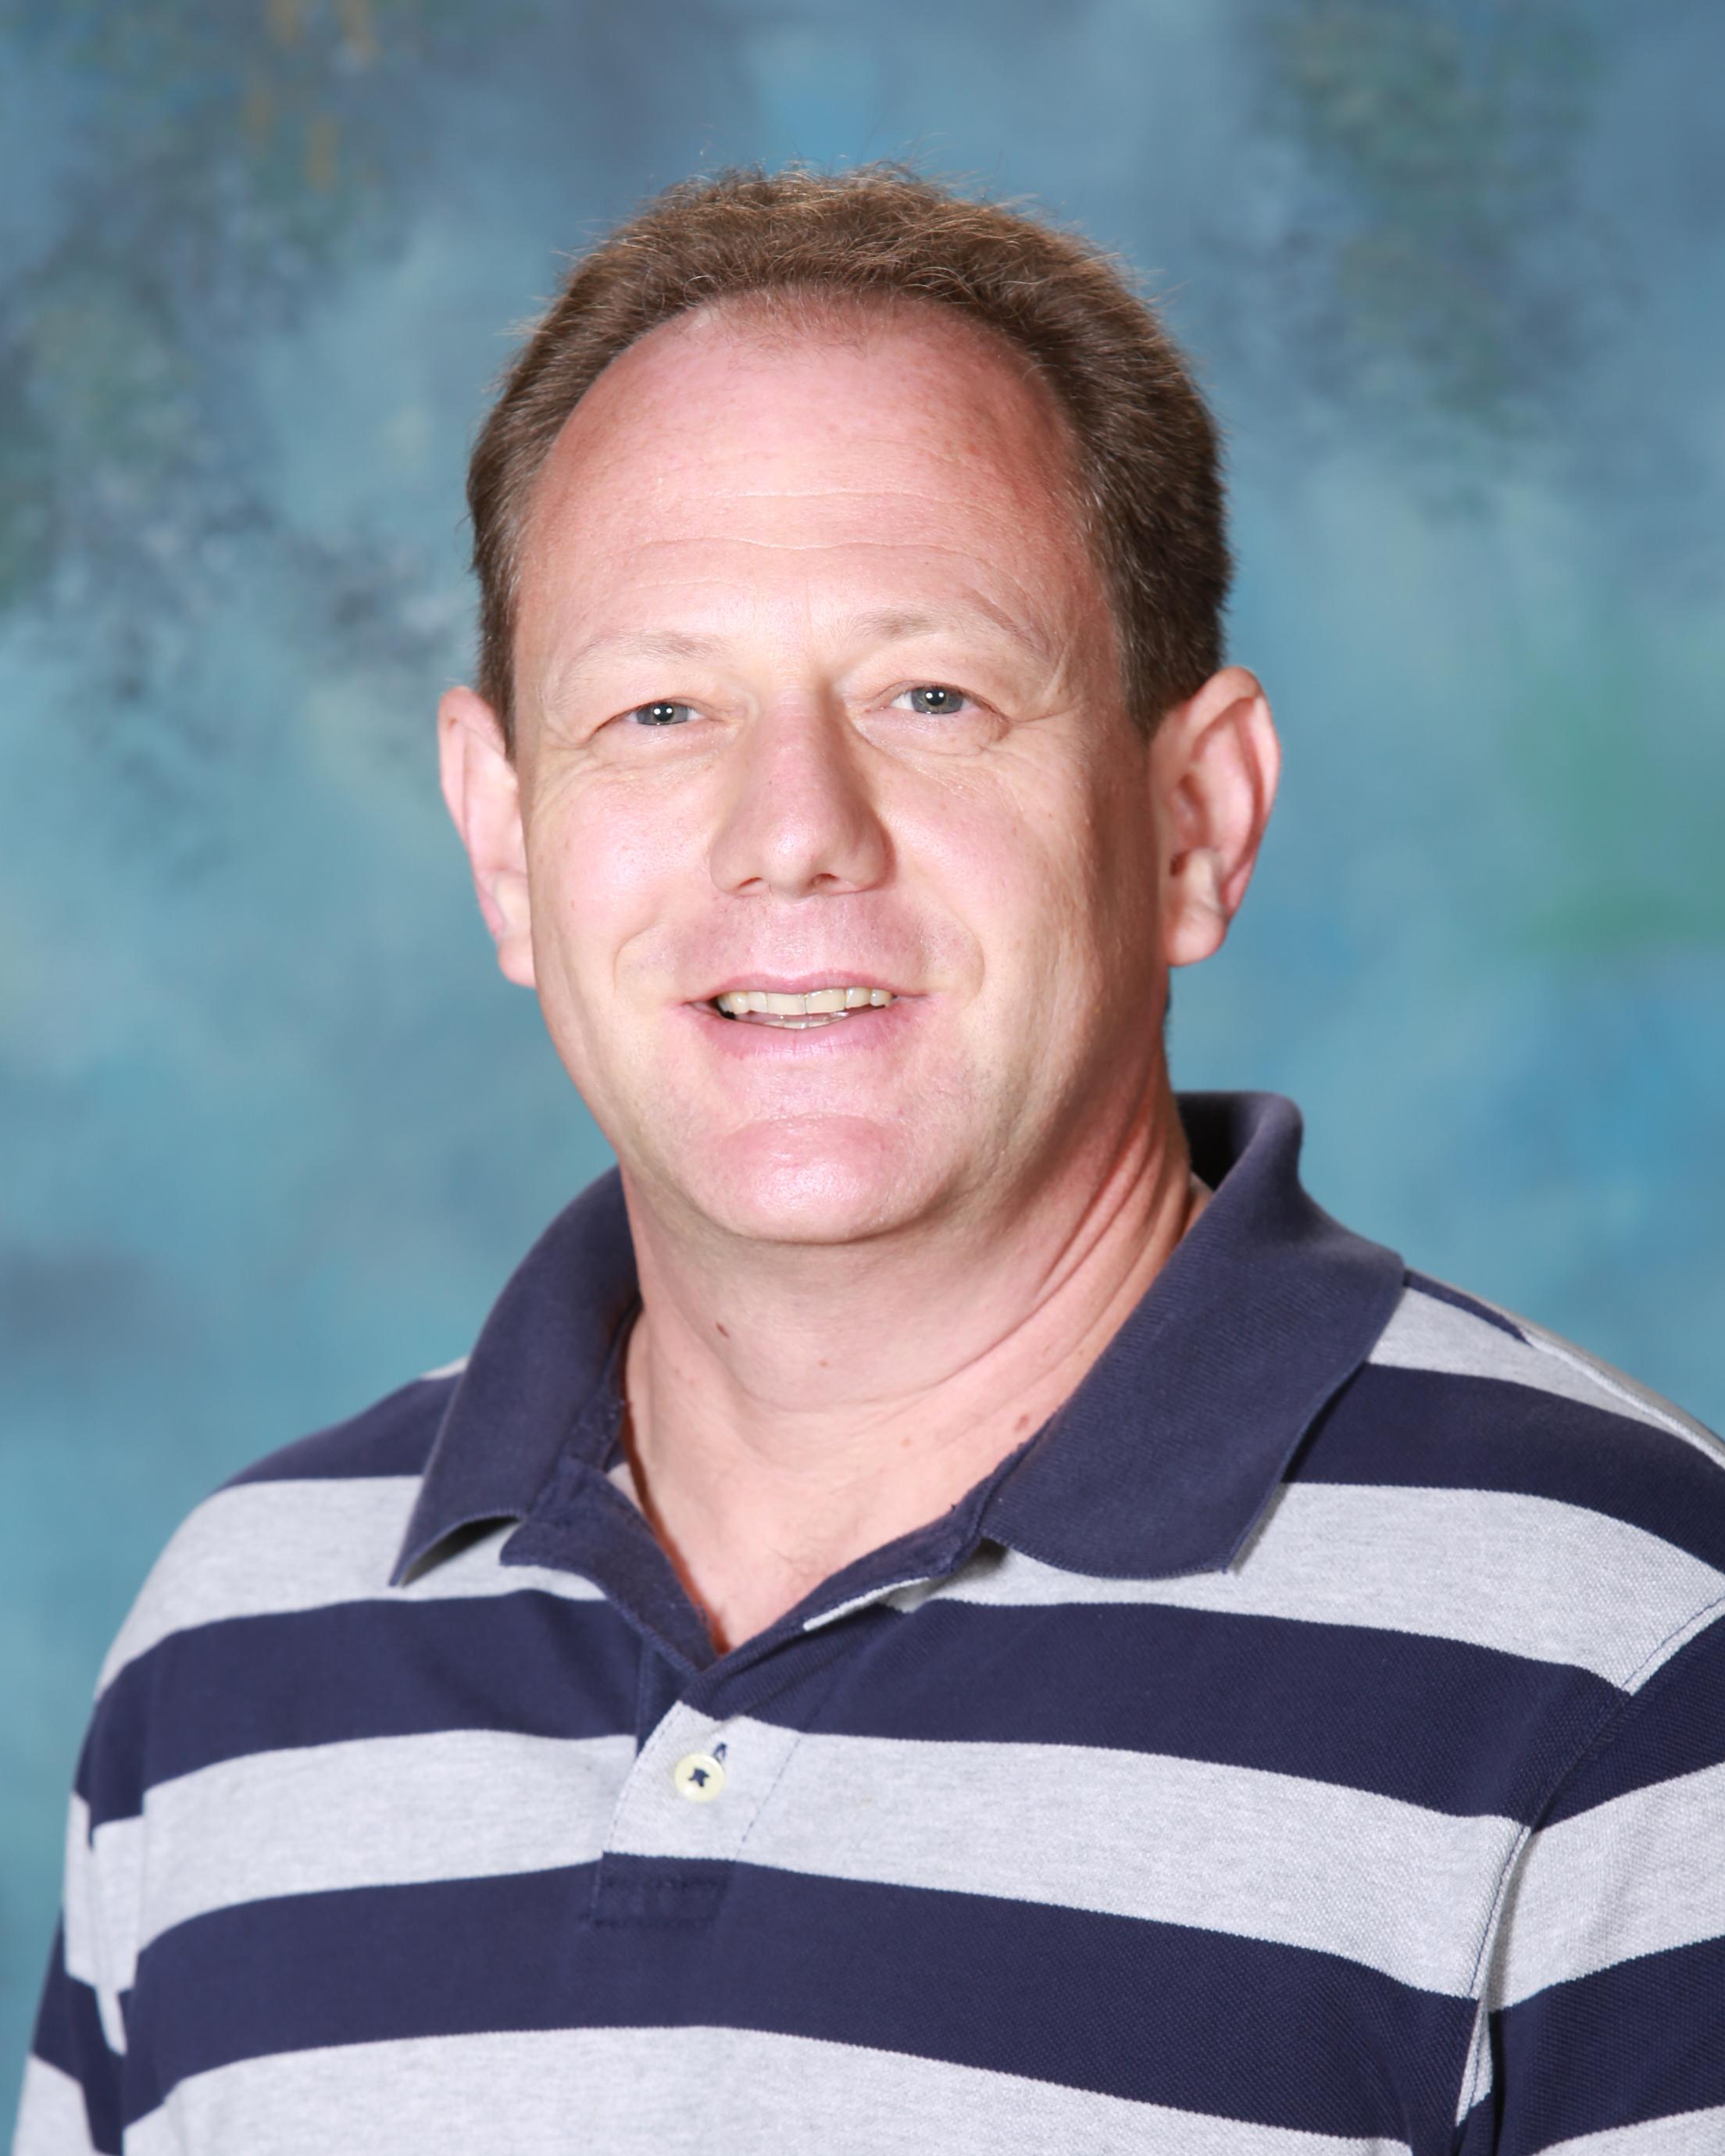 Craig Howe